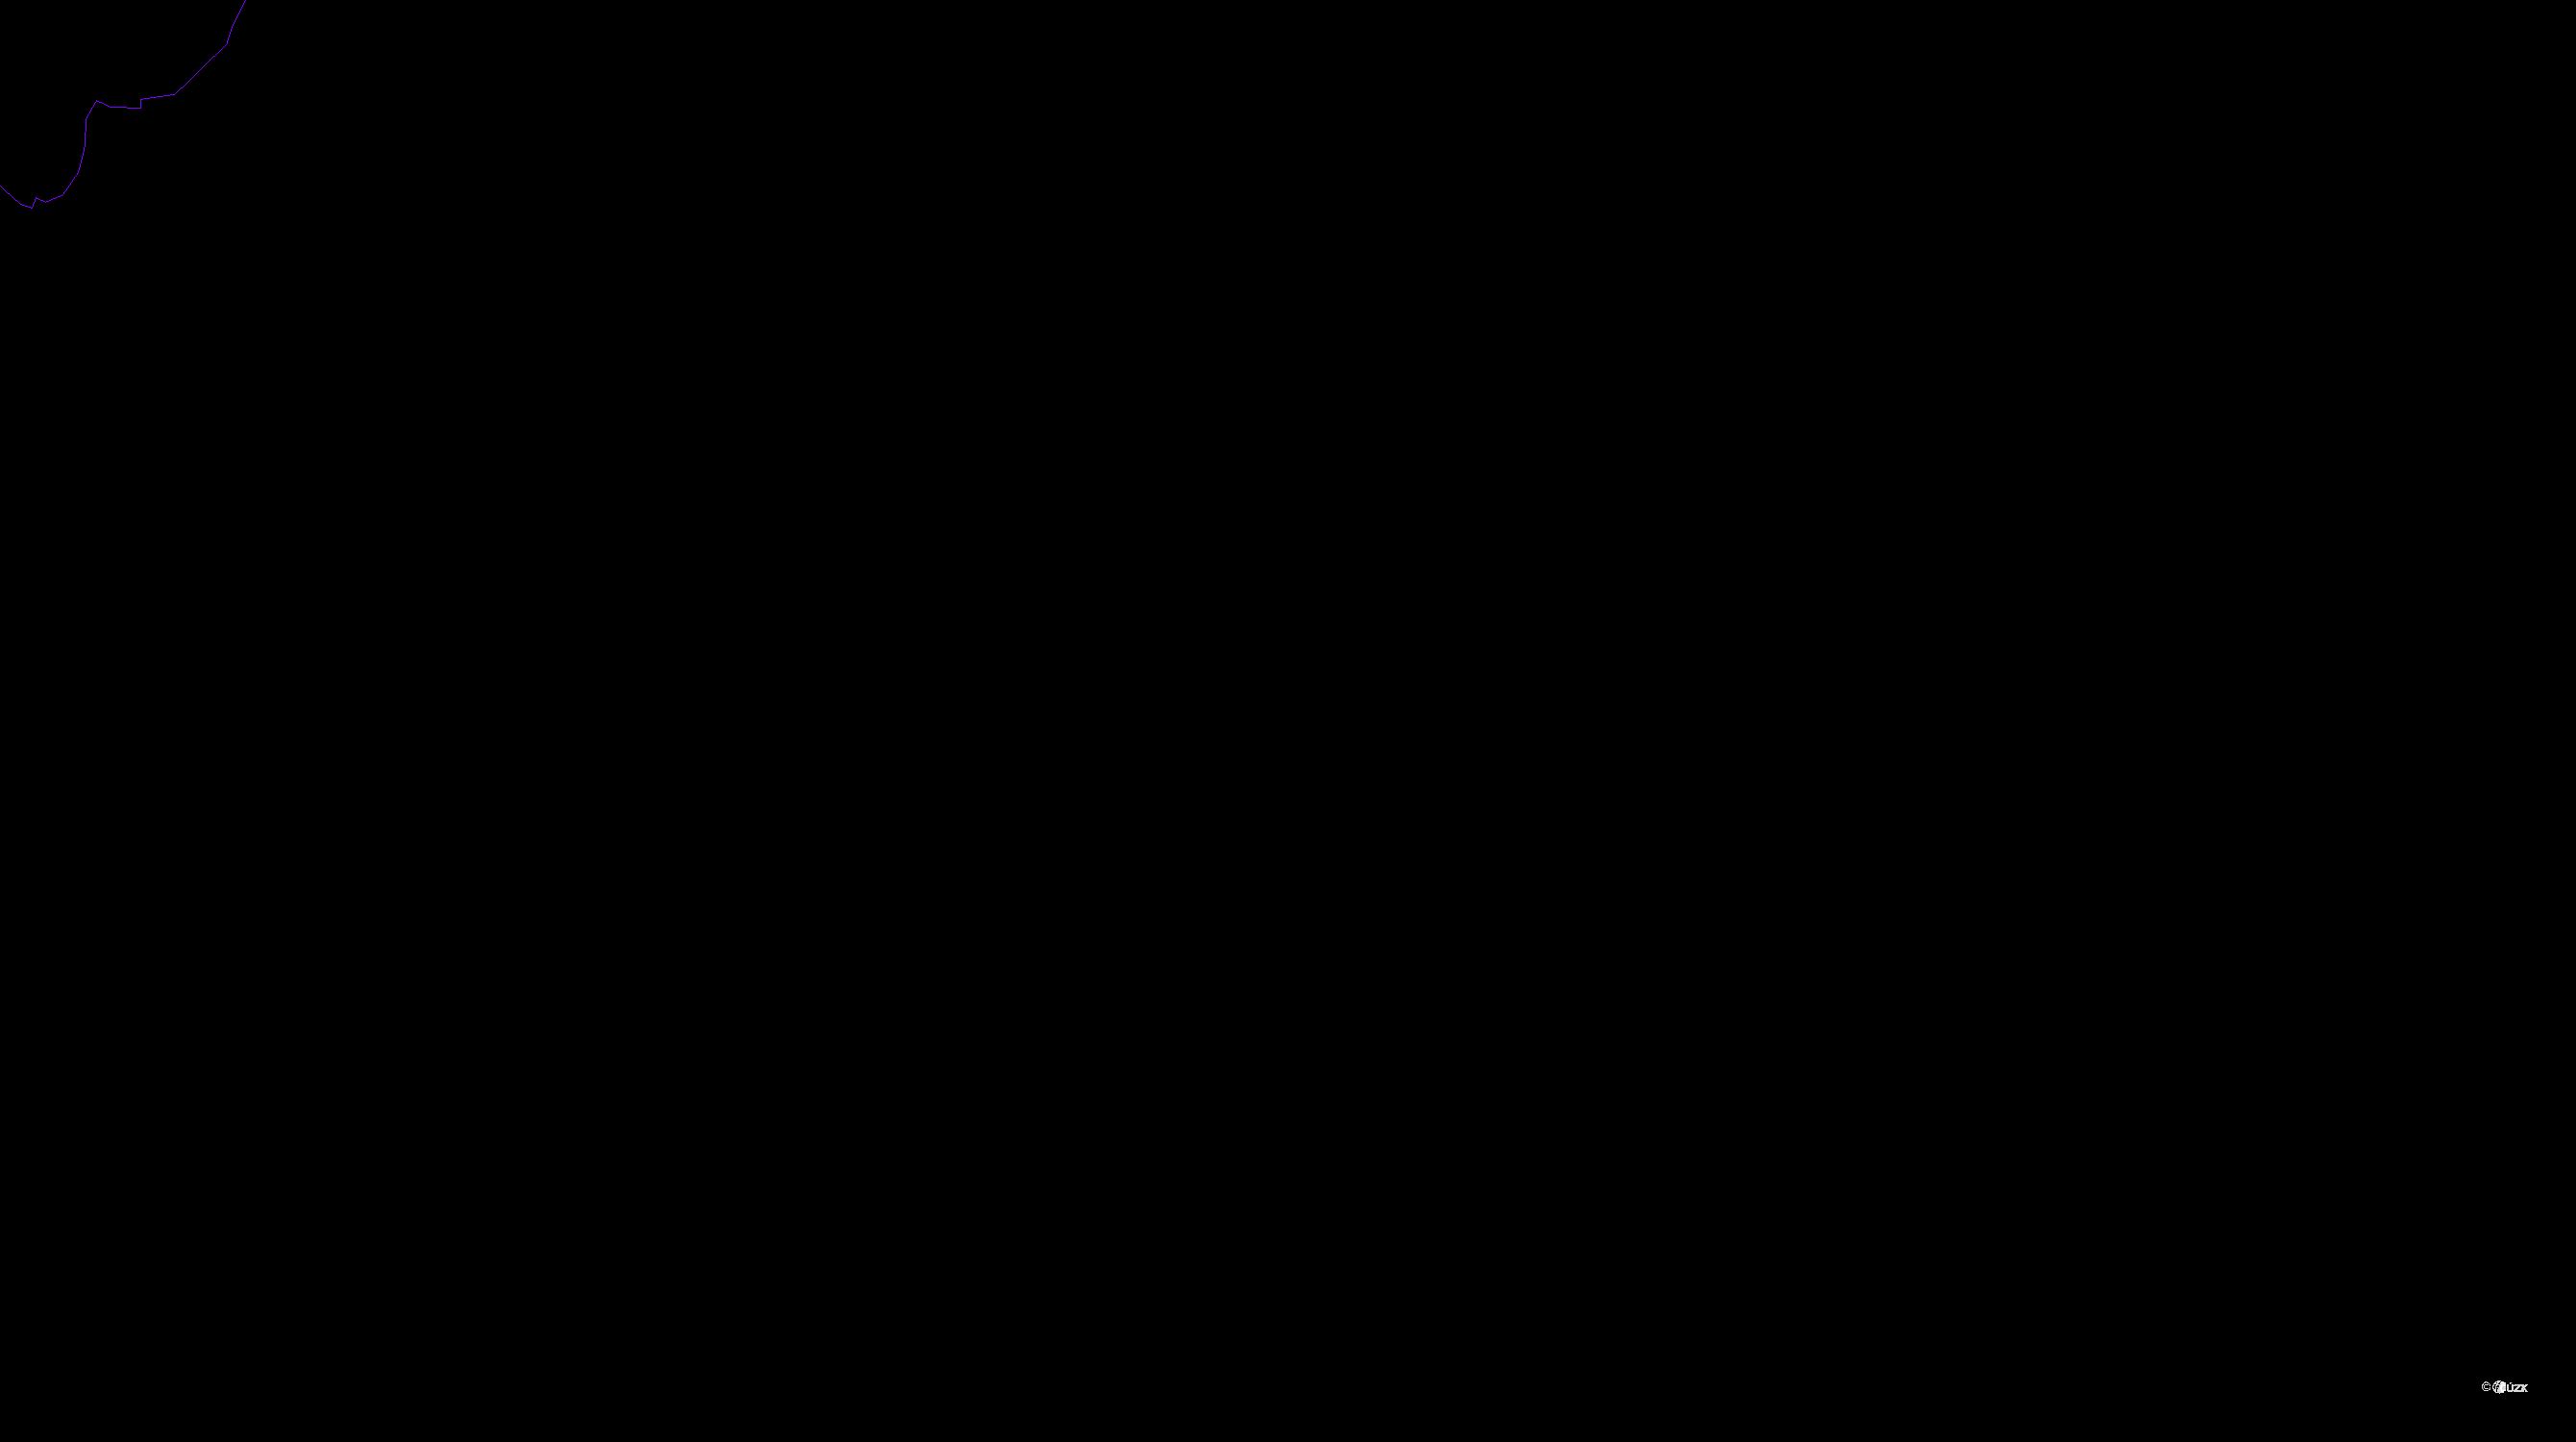 Katastrální mapa pozemků a čísla parcel Kladno u Hlinska